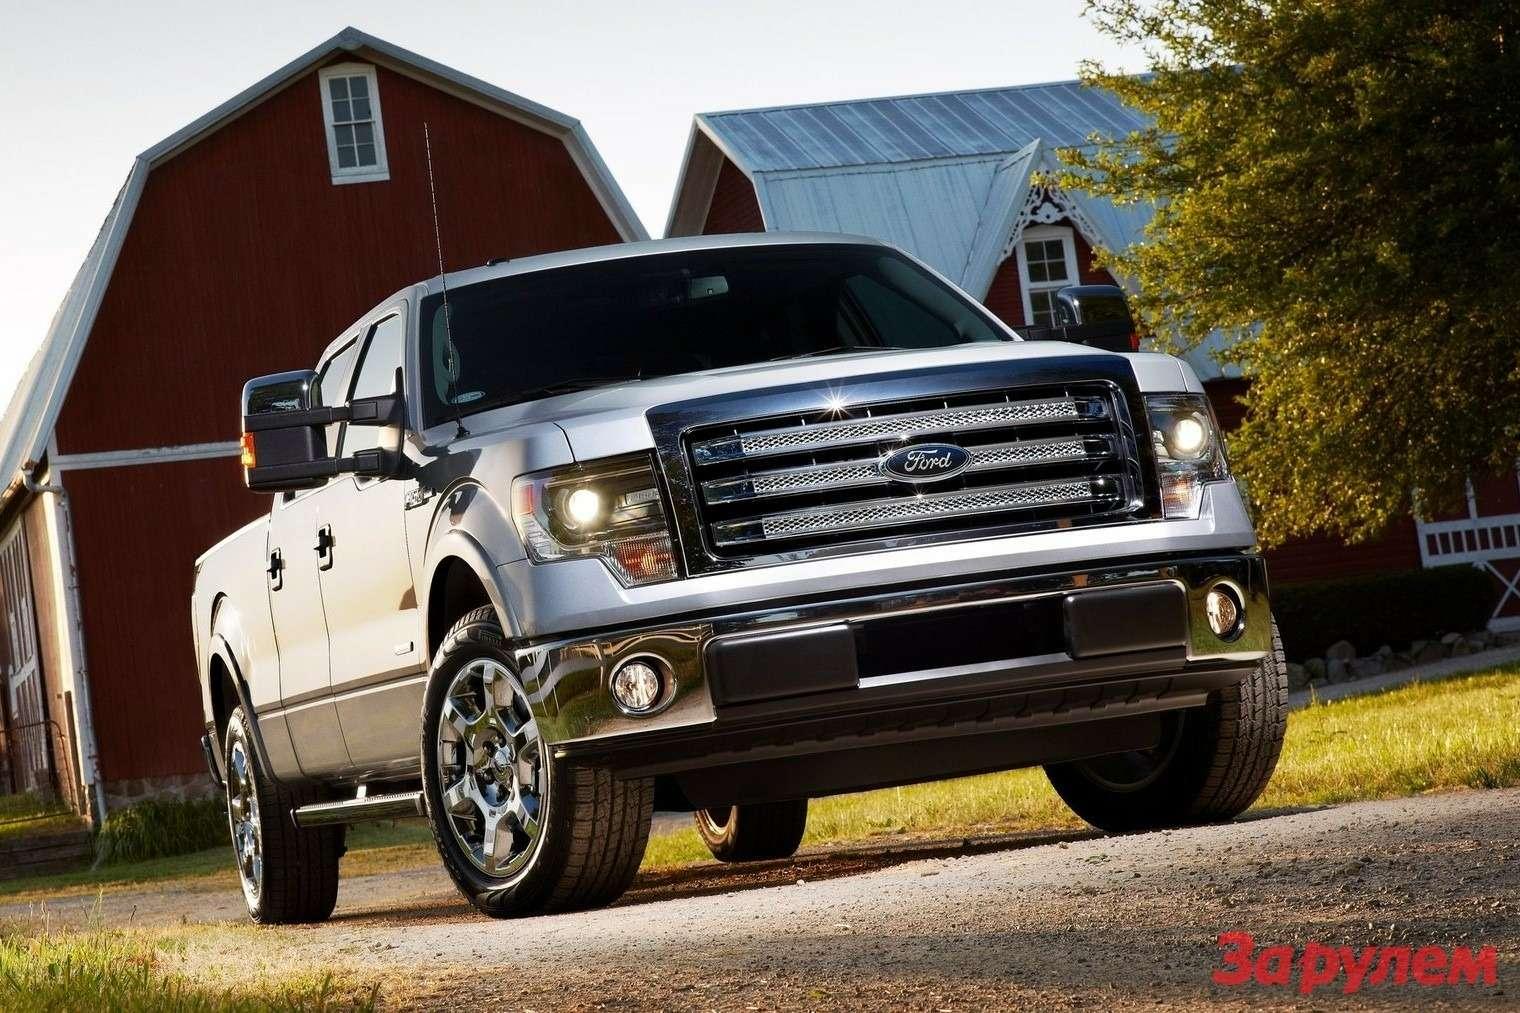 Ford-F-150_2013_1600x1200_wallpaper_02